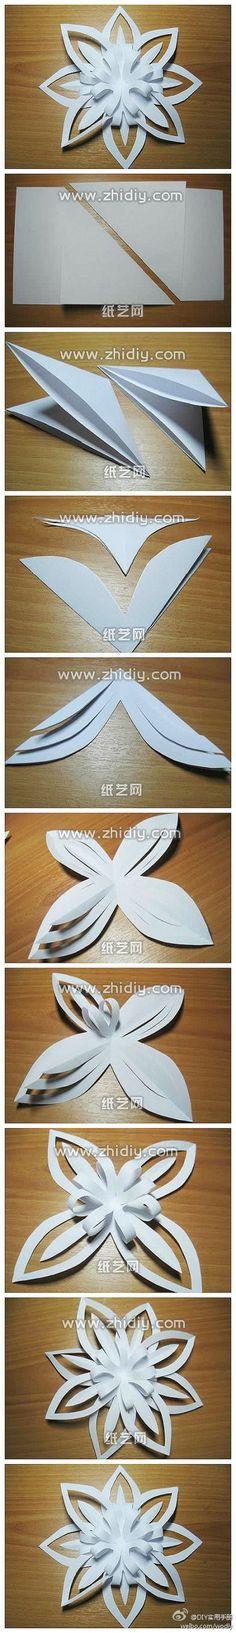 教大家剪出漂亮的花朵,很漂亮哦~(纸艺网……_来自掉进咖啡杯的图片分享-堆糖网